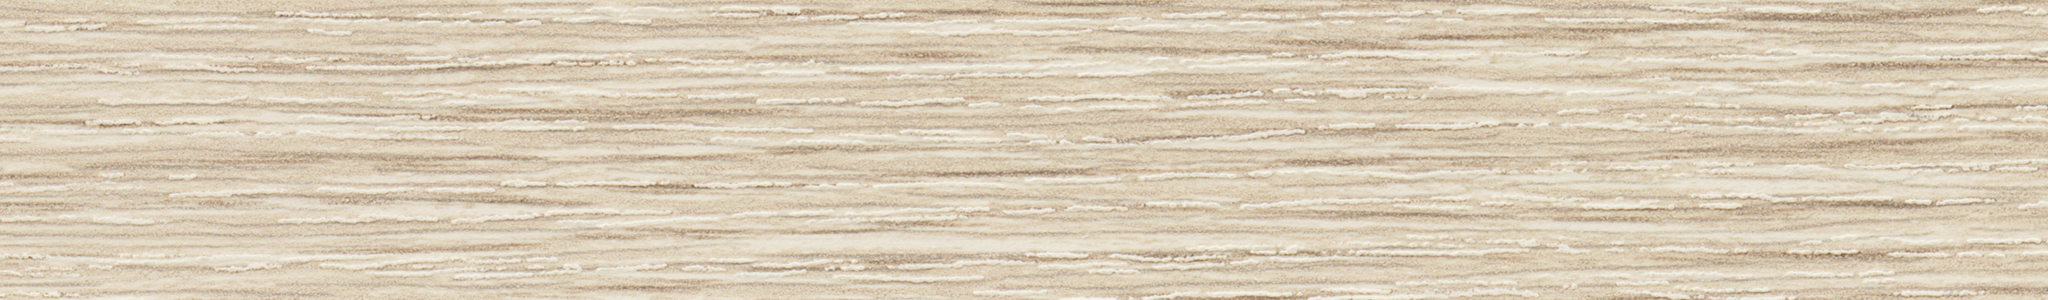 HD 243309 ABS hrana dub pískový gravír